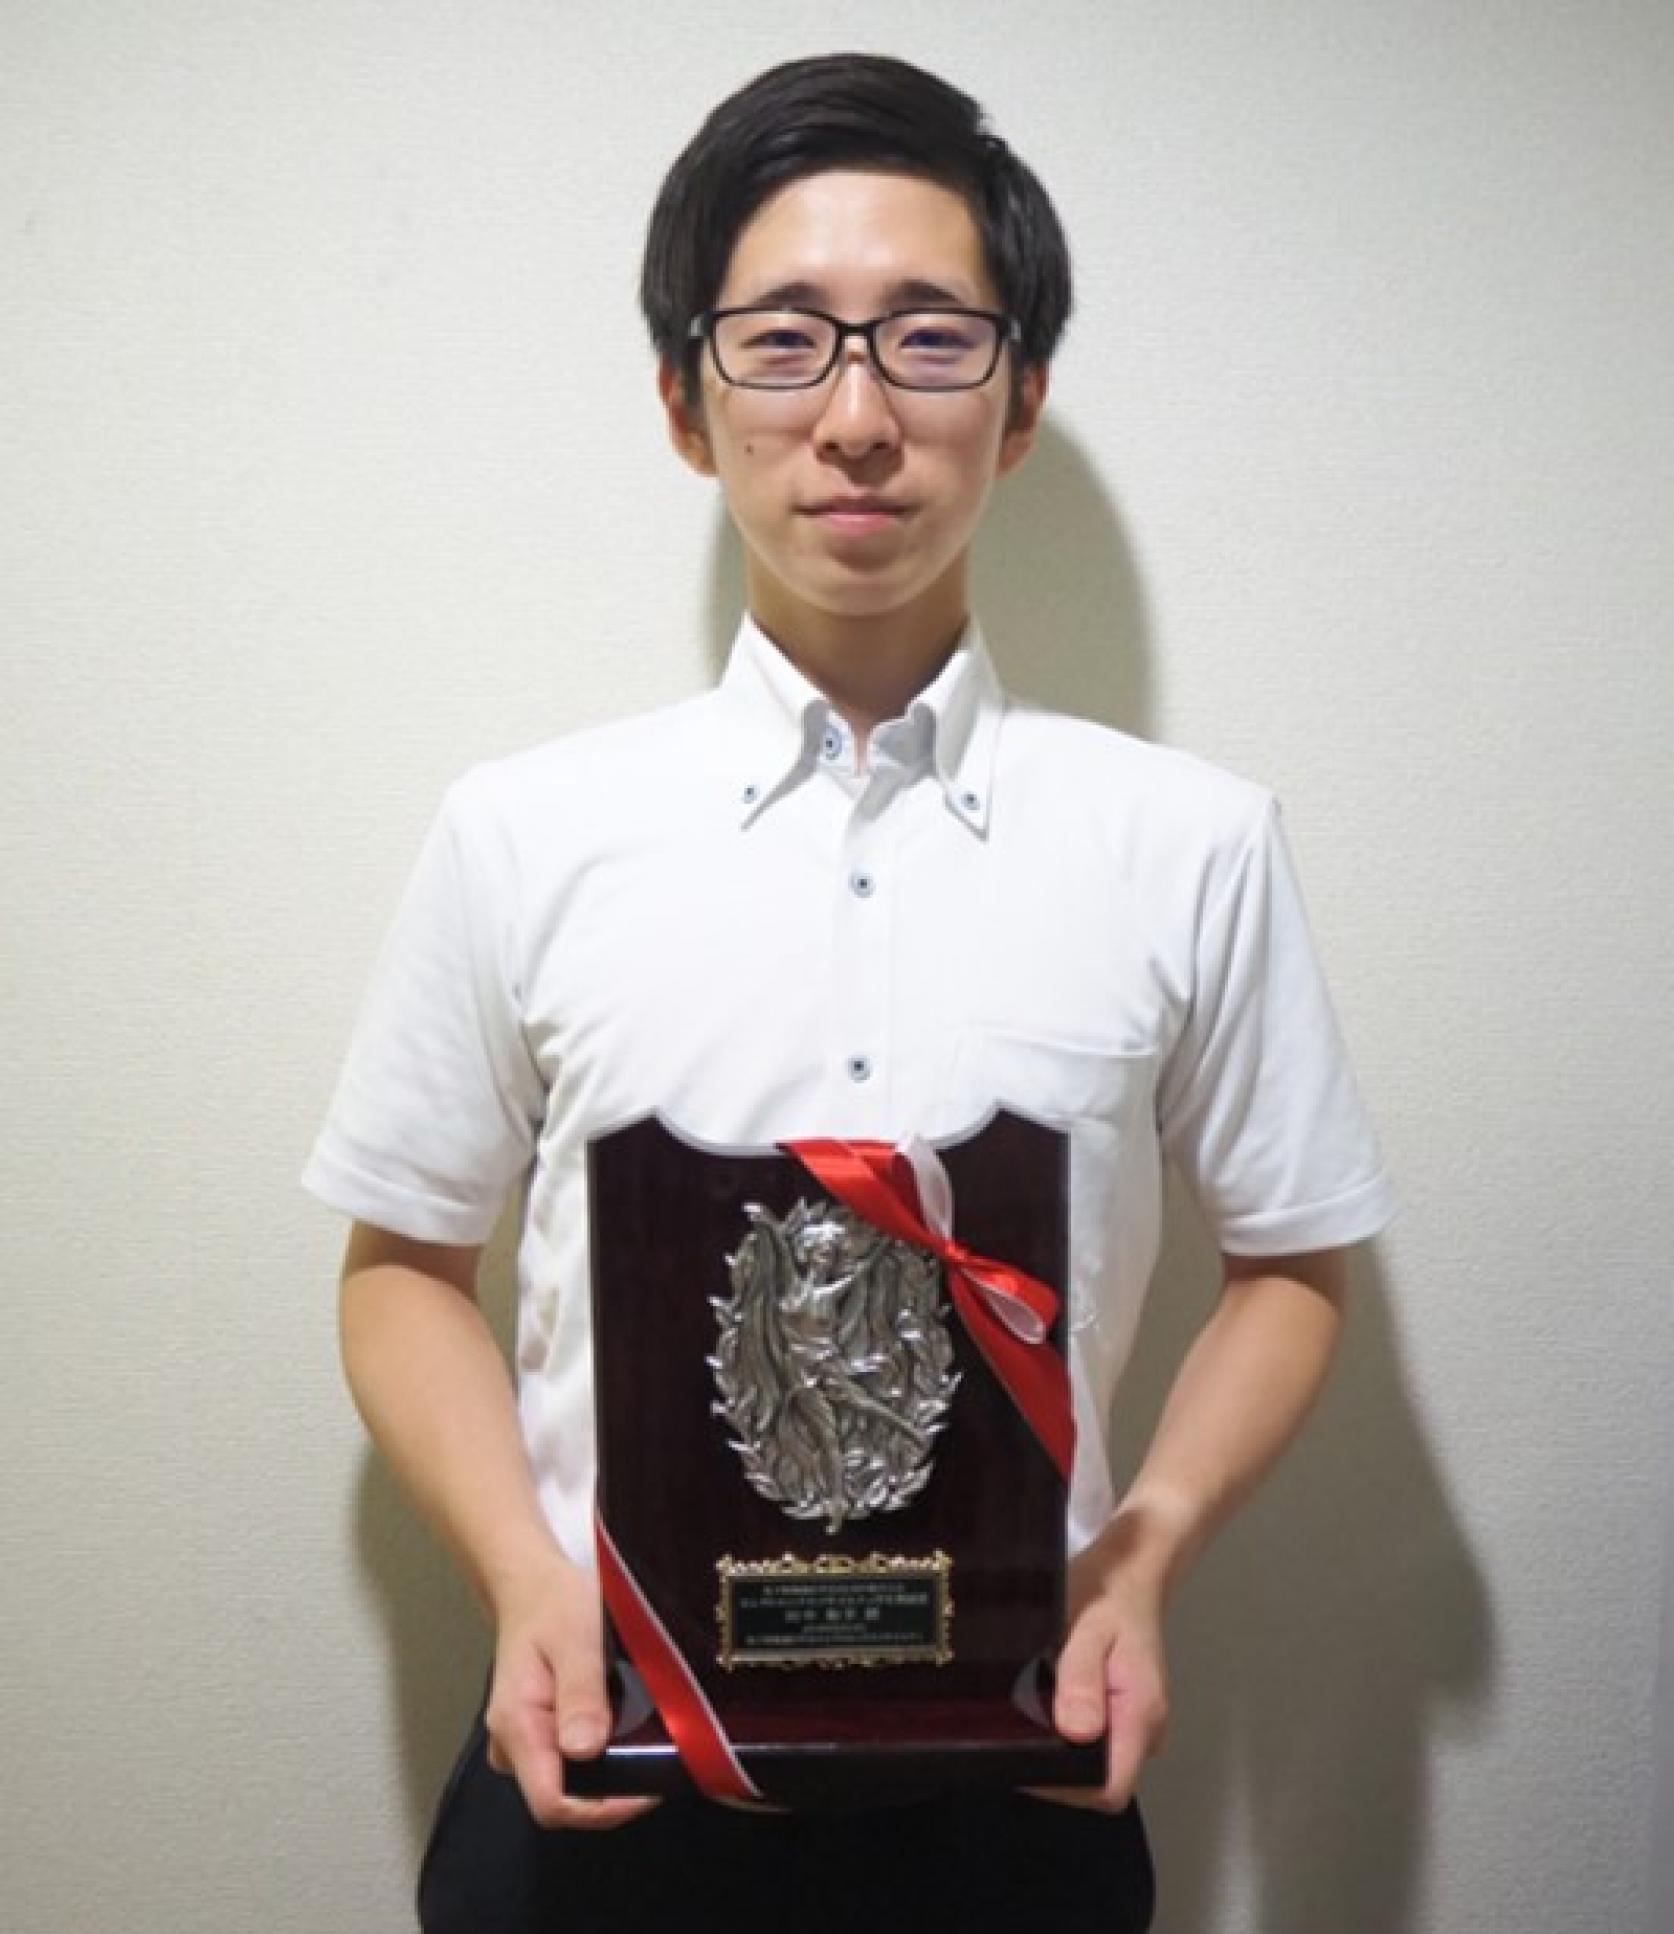 電気工学専攻平成29年度修了生である、田中和幸さんが「2018電子情報通信学会ソサエティ大会」において、エレクトロニクスソサイエティ学生奨励賞を受賞しました。